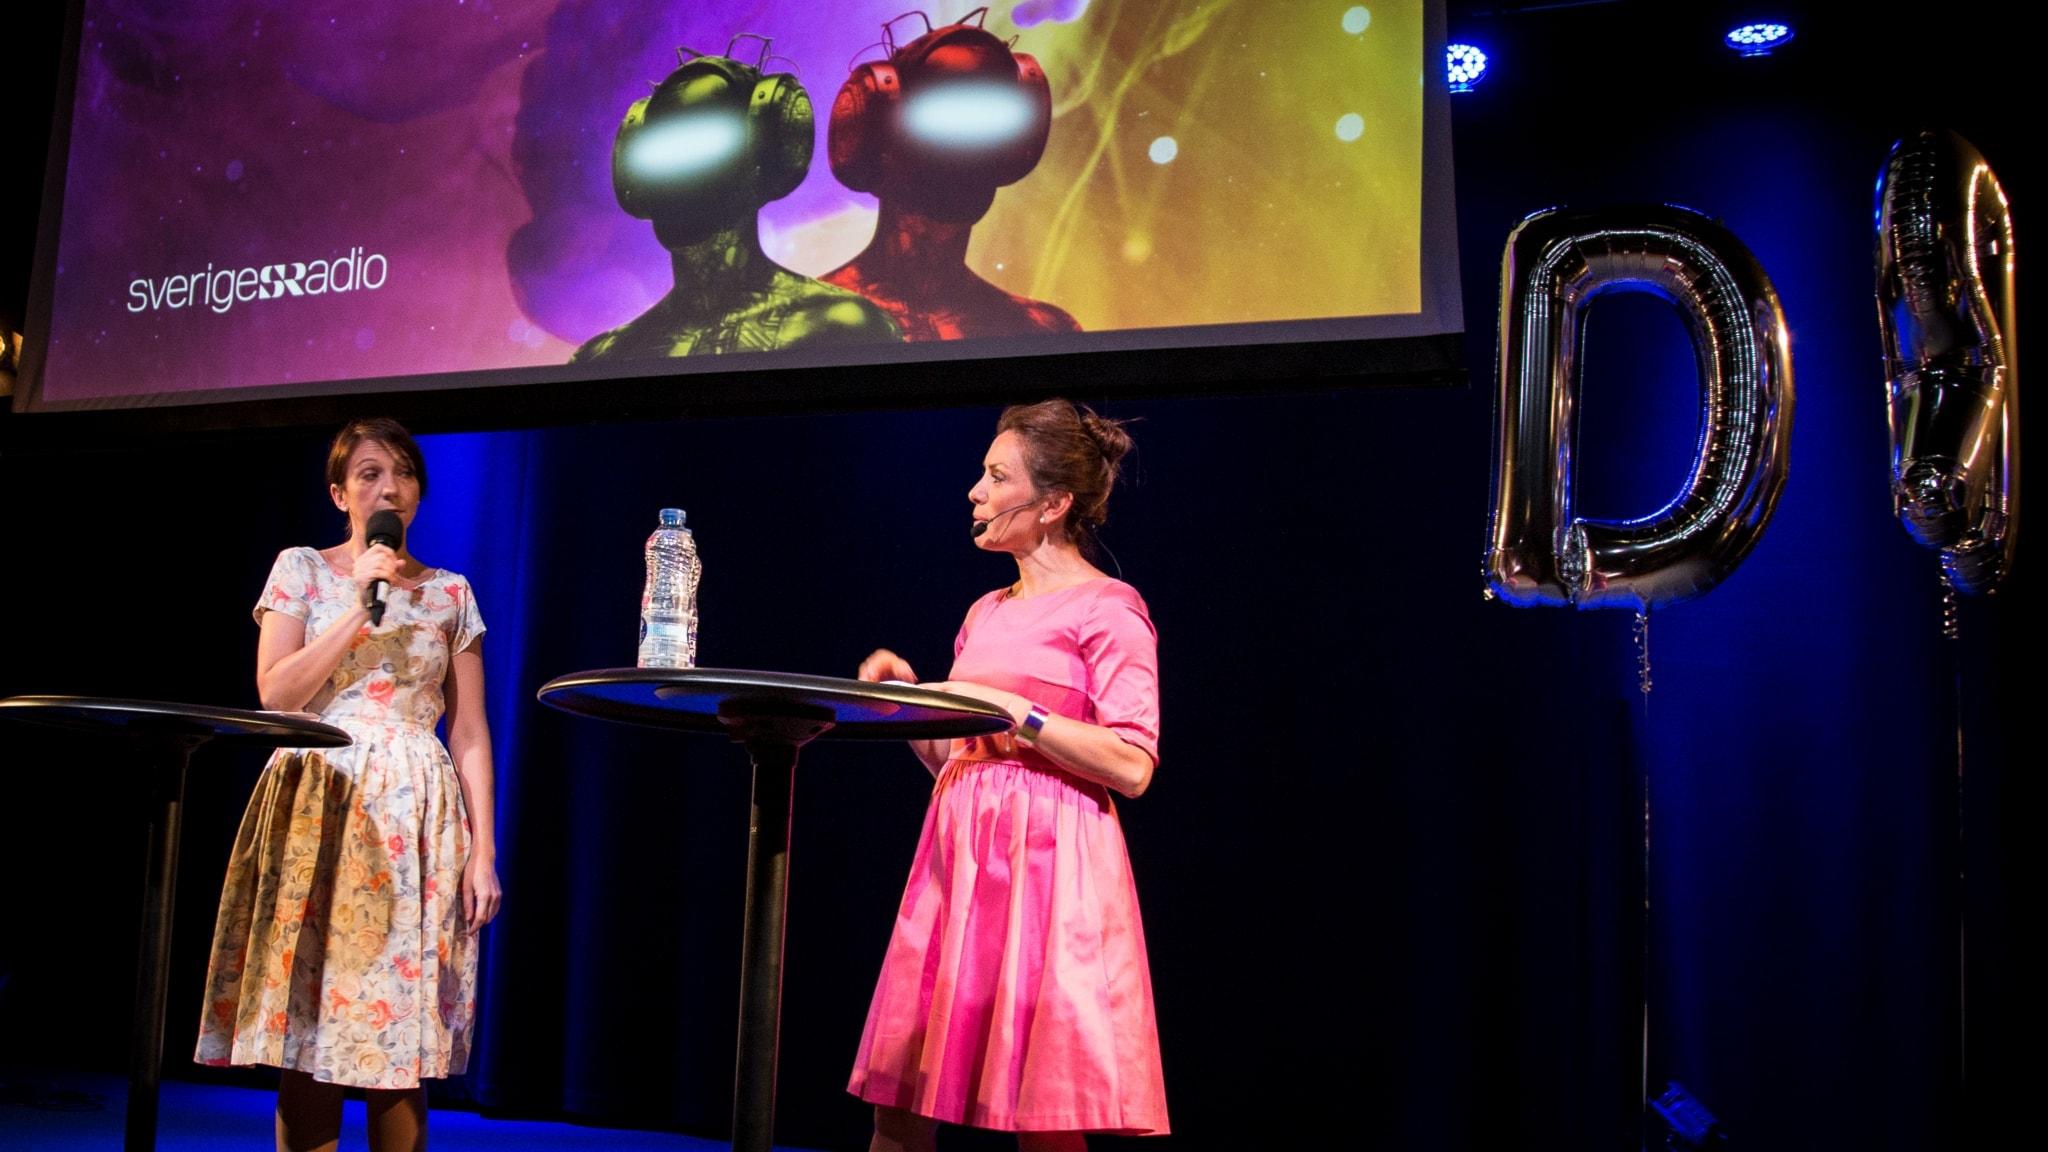 Välkomna till Sveriges Radio Drama!